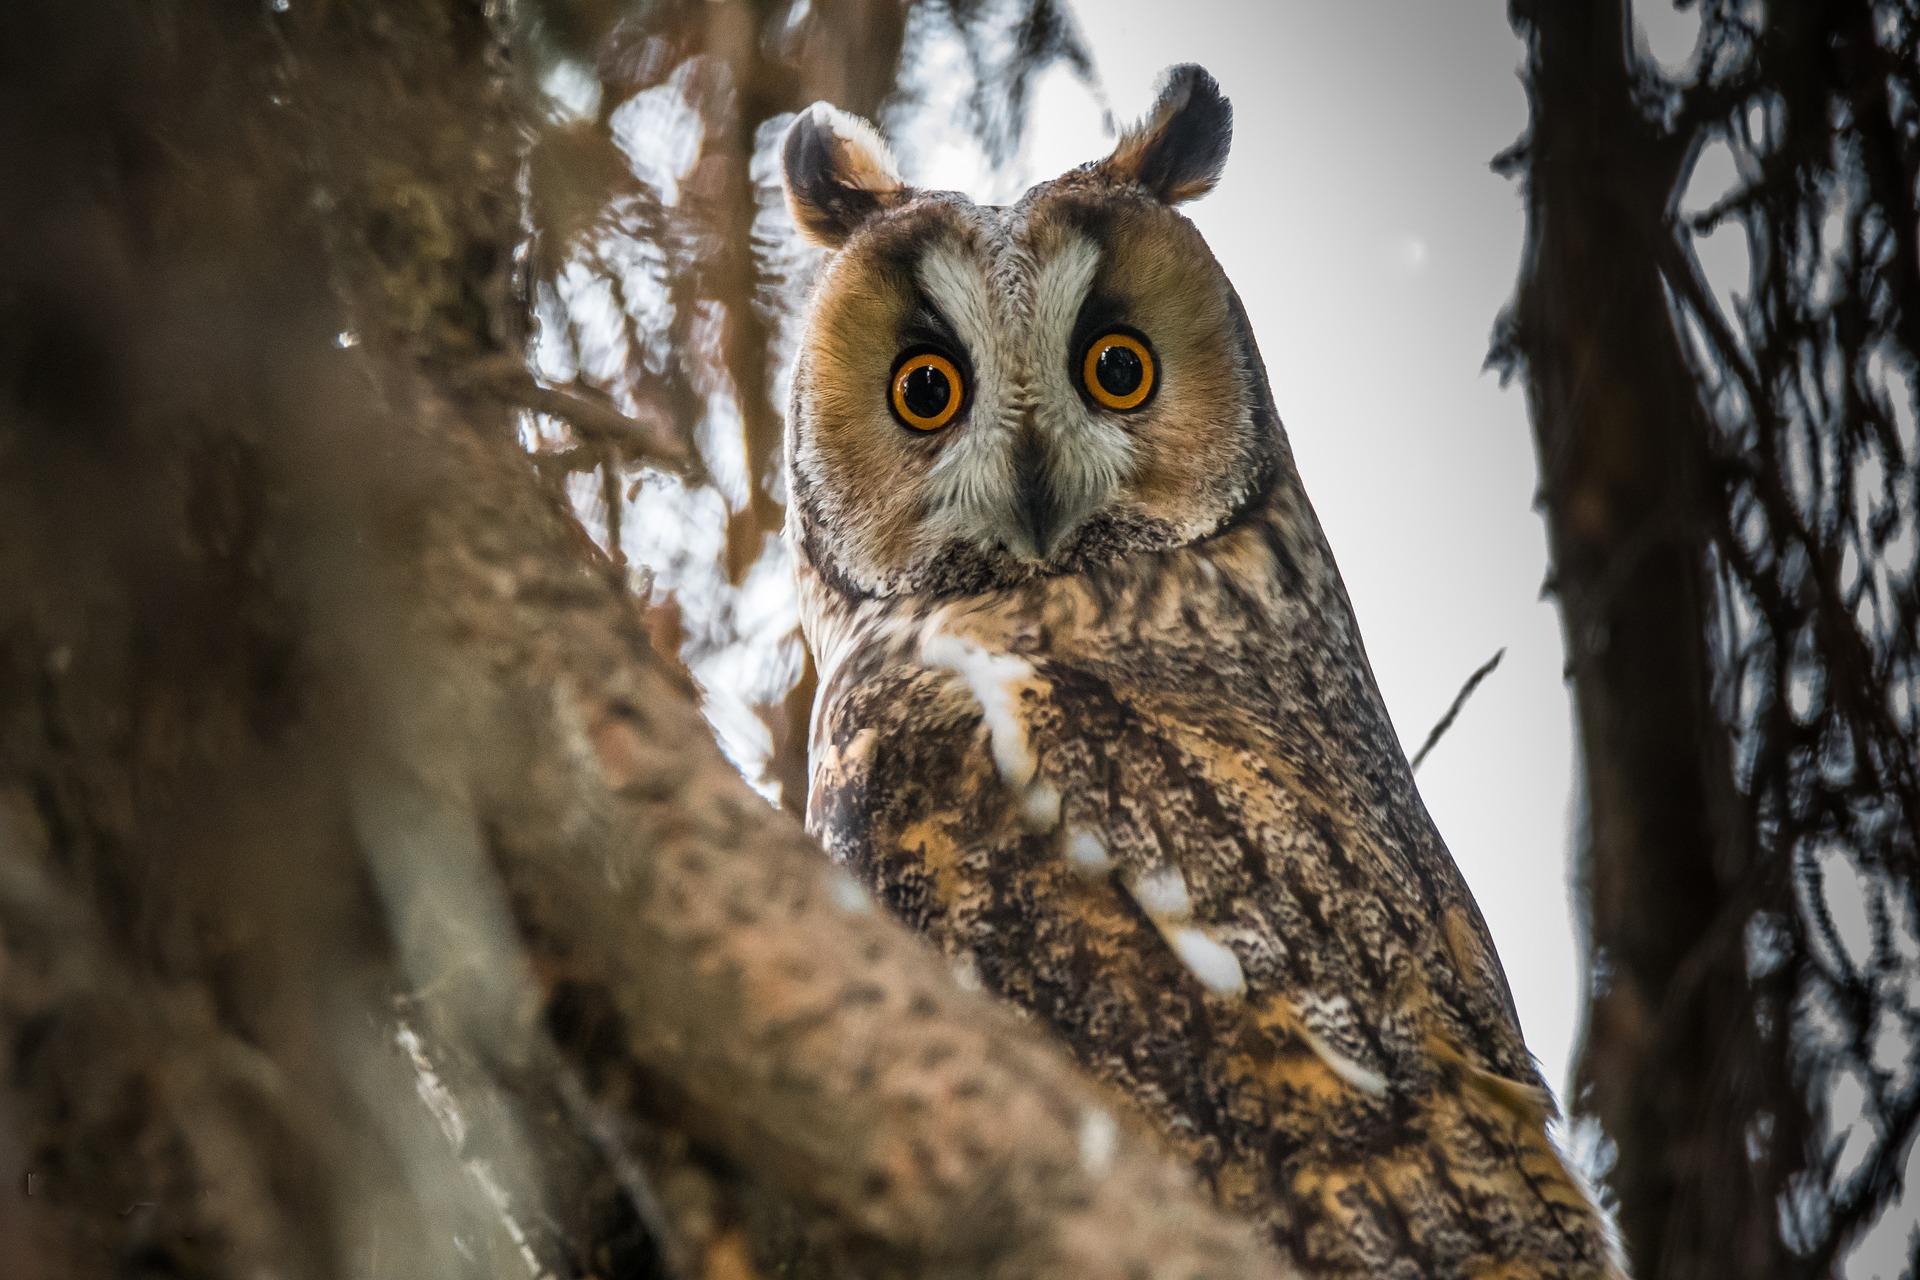 erdei_fulesbagoly_owl-3321411_1920.jpg